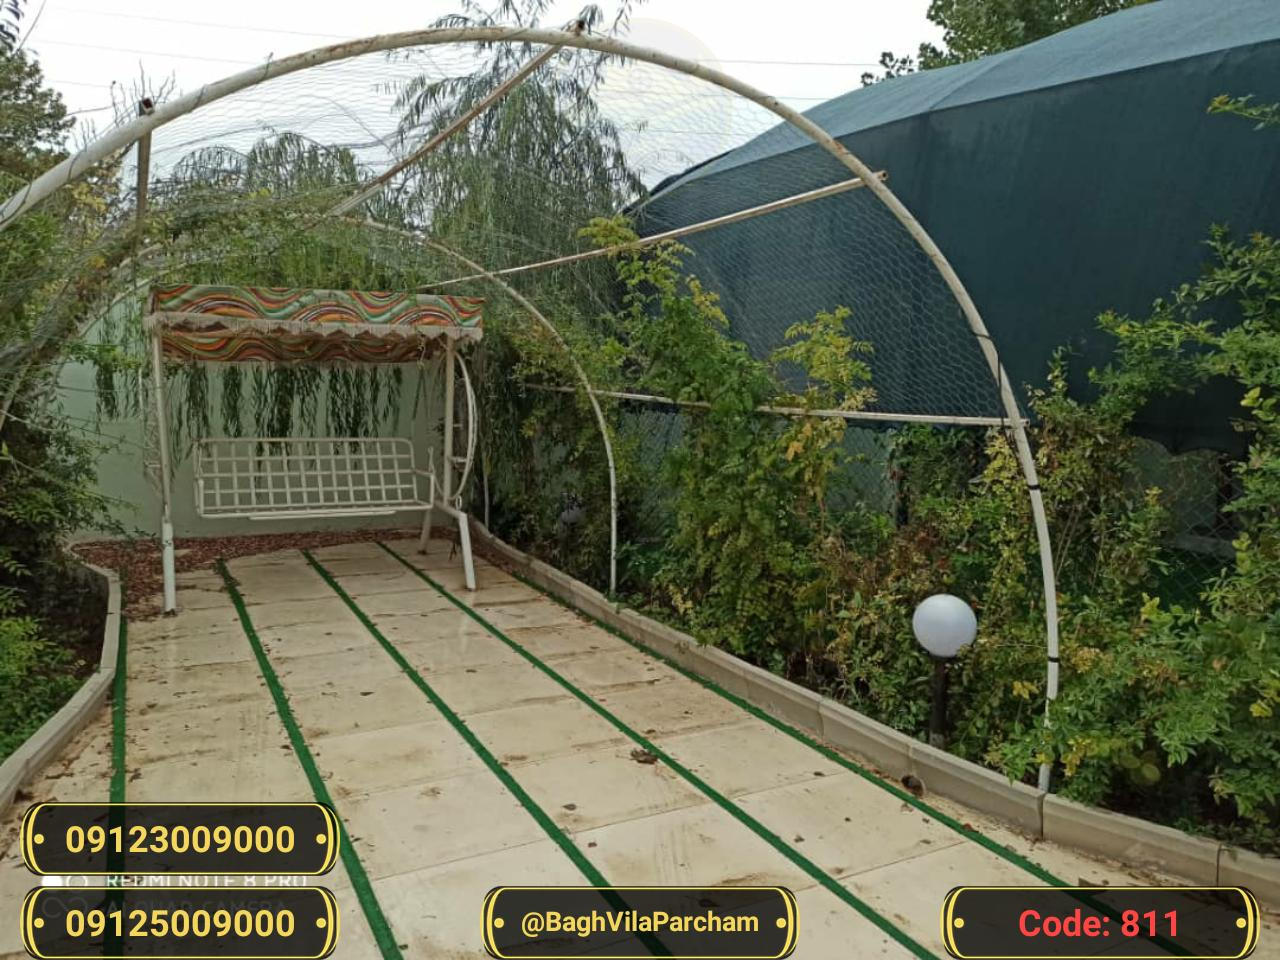 تصویر عکس باغ ویلا شماره 2 از ویلای ۸۰۰ متر ویلا Picture photo image 2 of ۸۰۰ متر ویلا